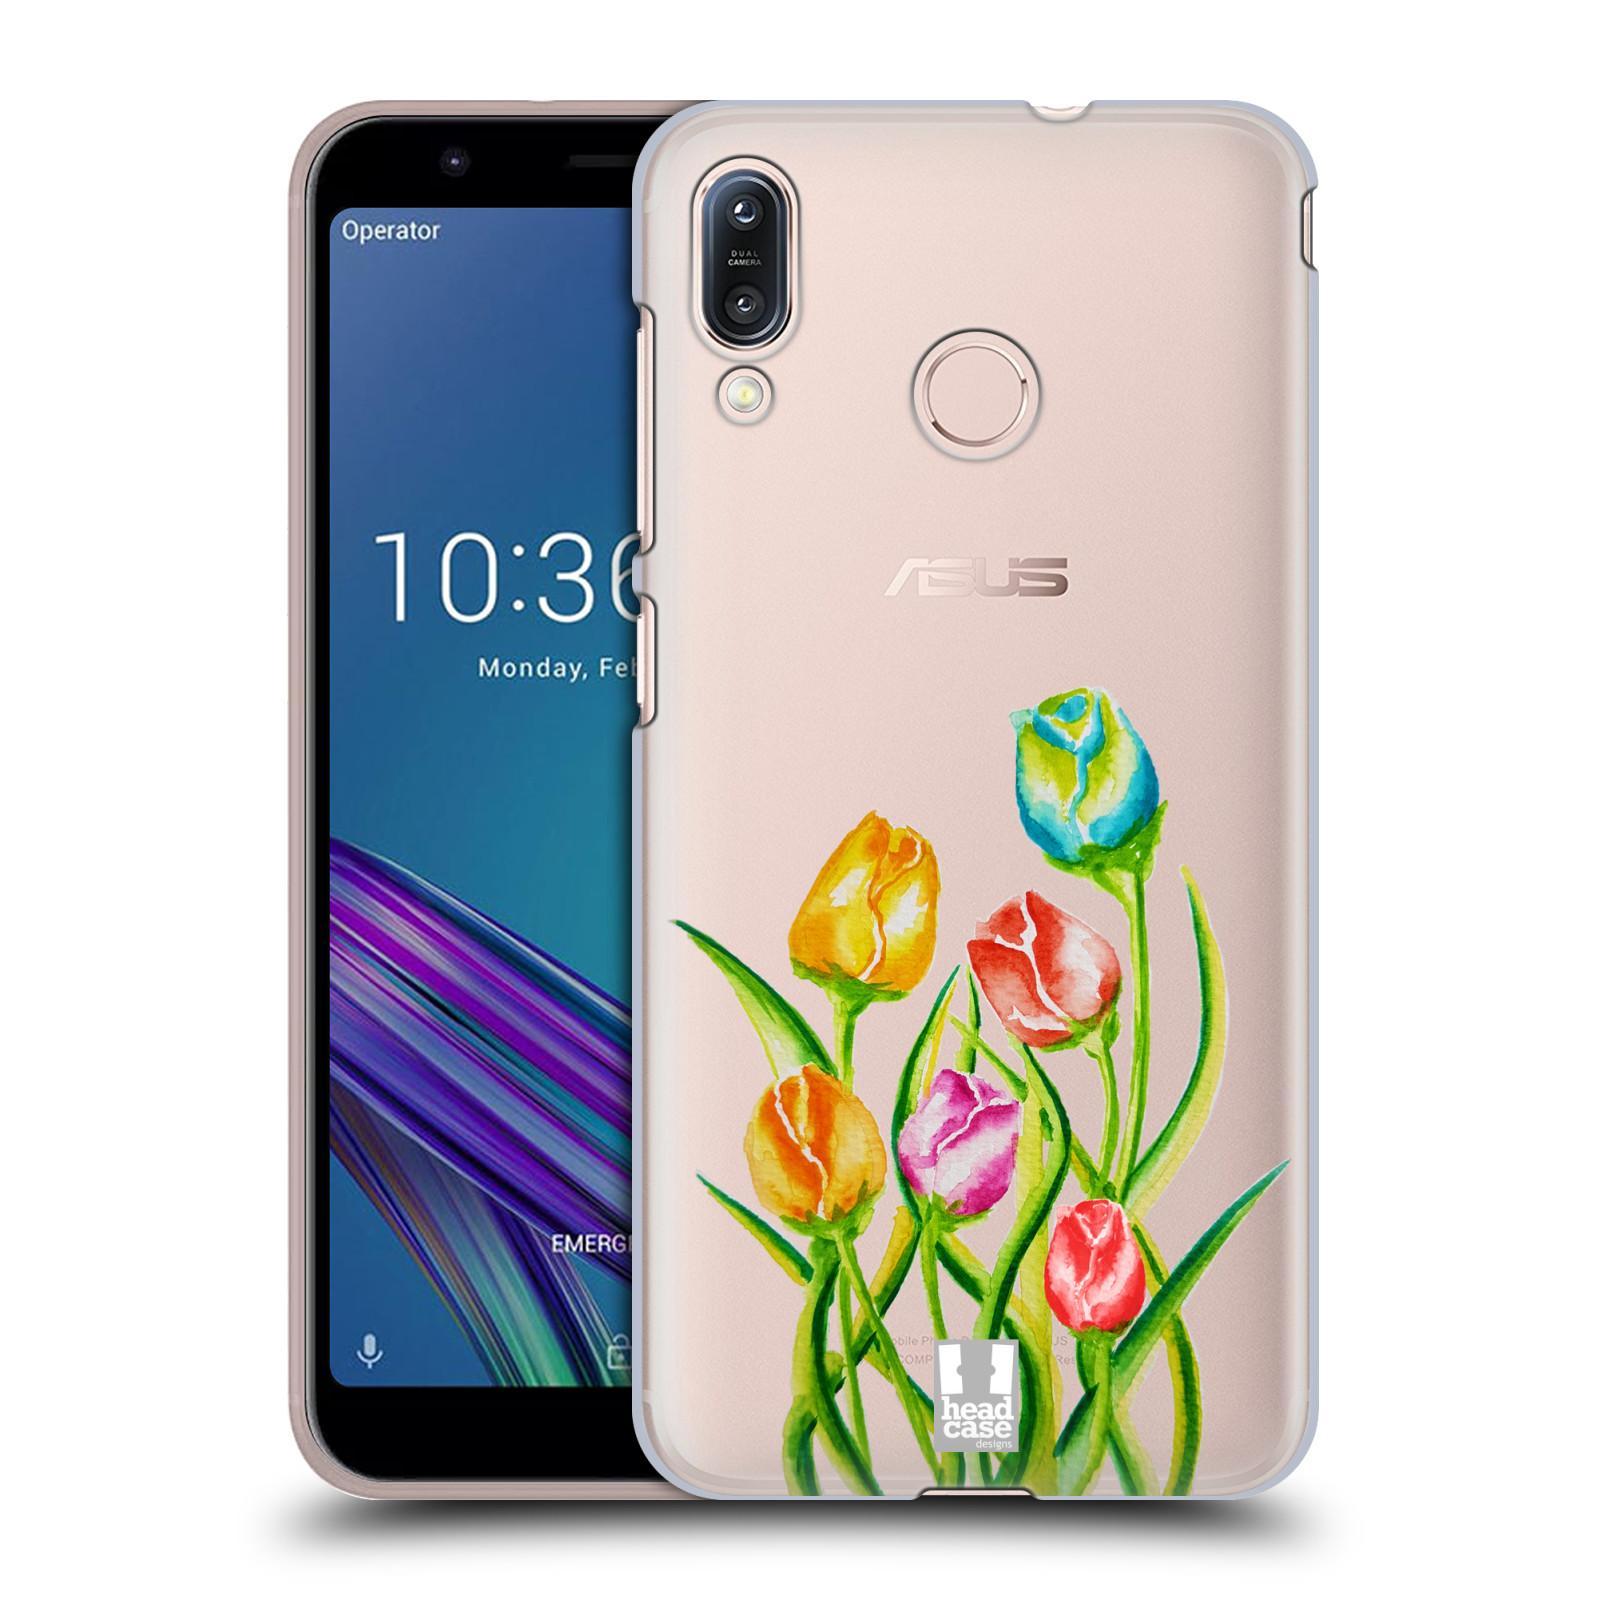 Pouzdro na mobil Asus Zenfone Max M1 (ZB555KL) - HEAD CASE - Květina Tulipán vodní barvy